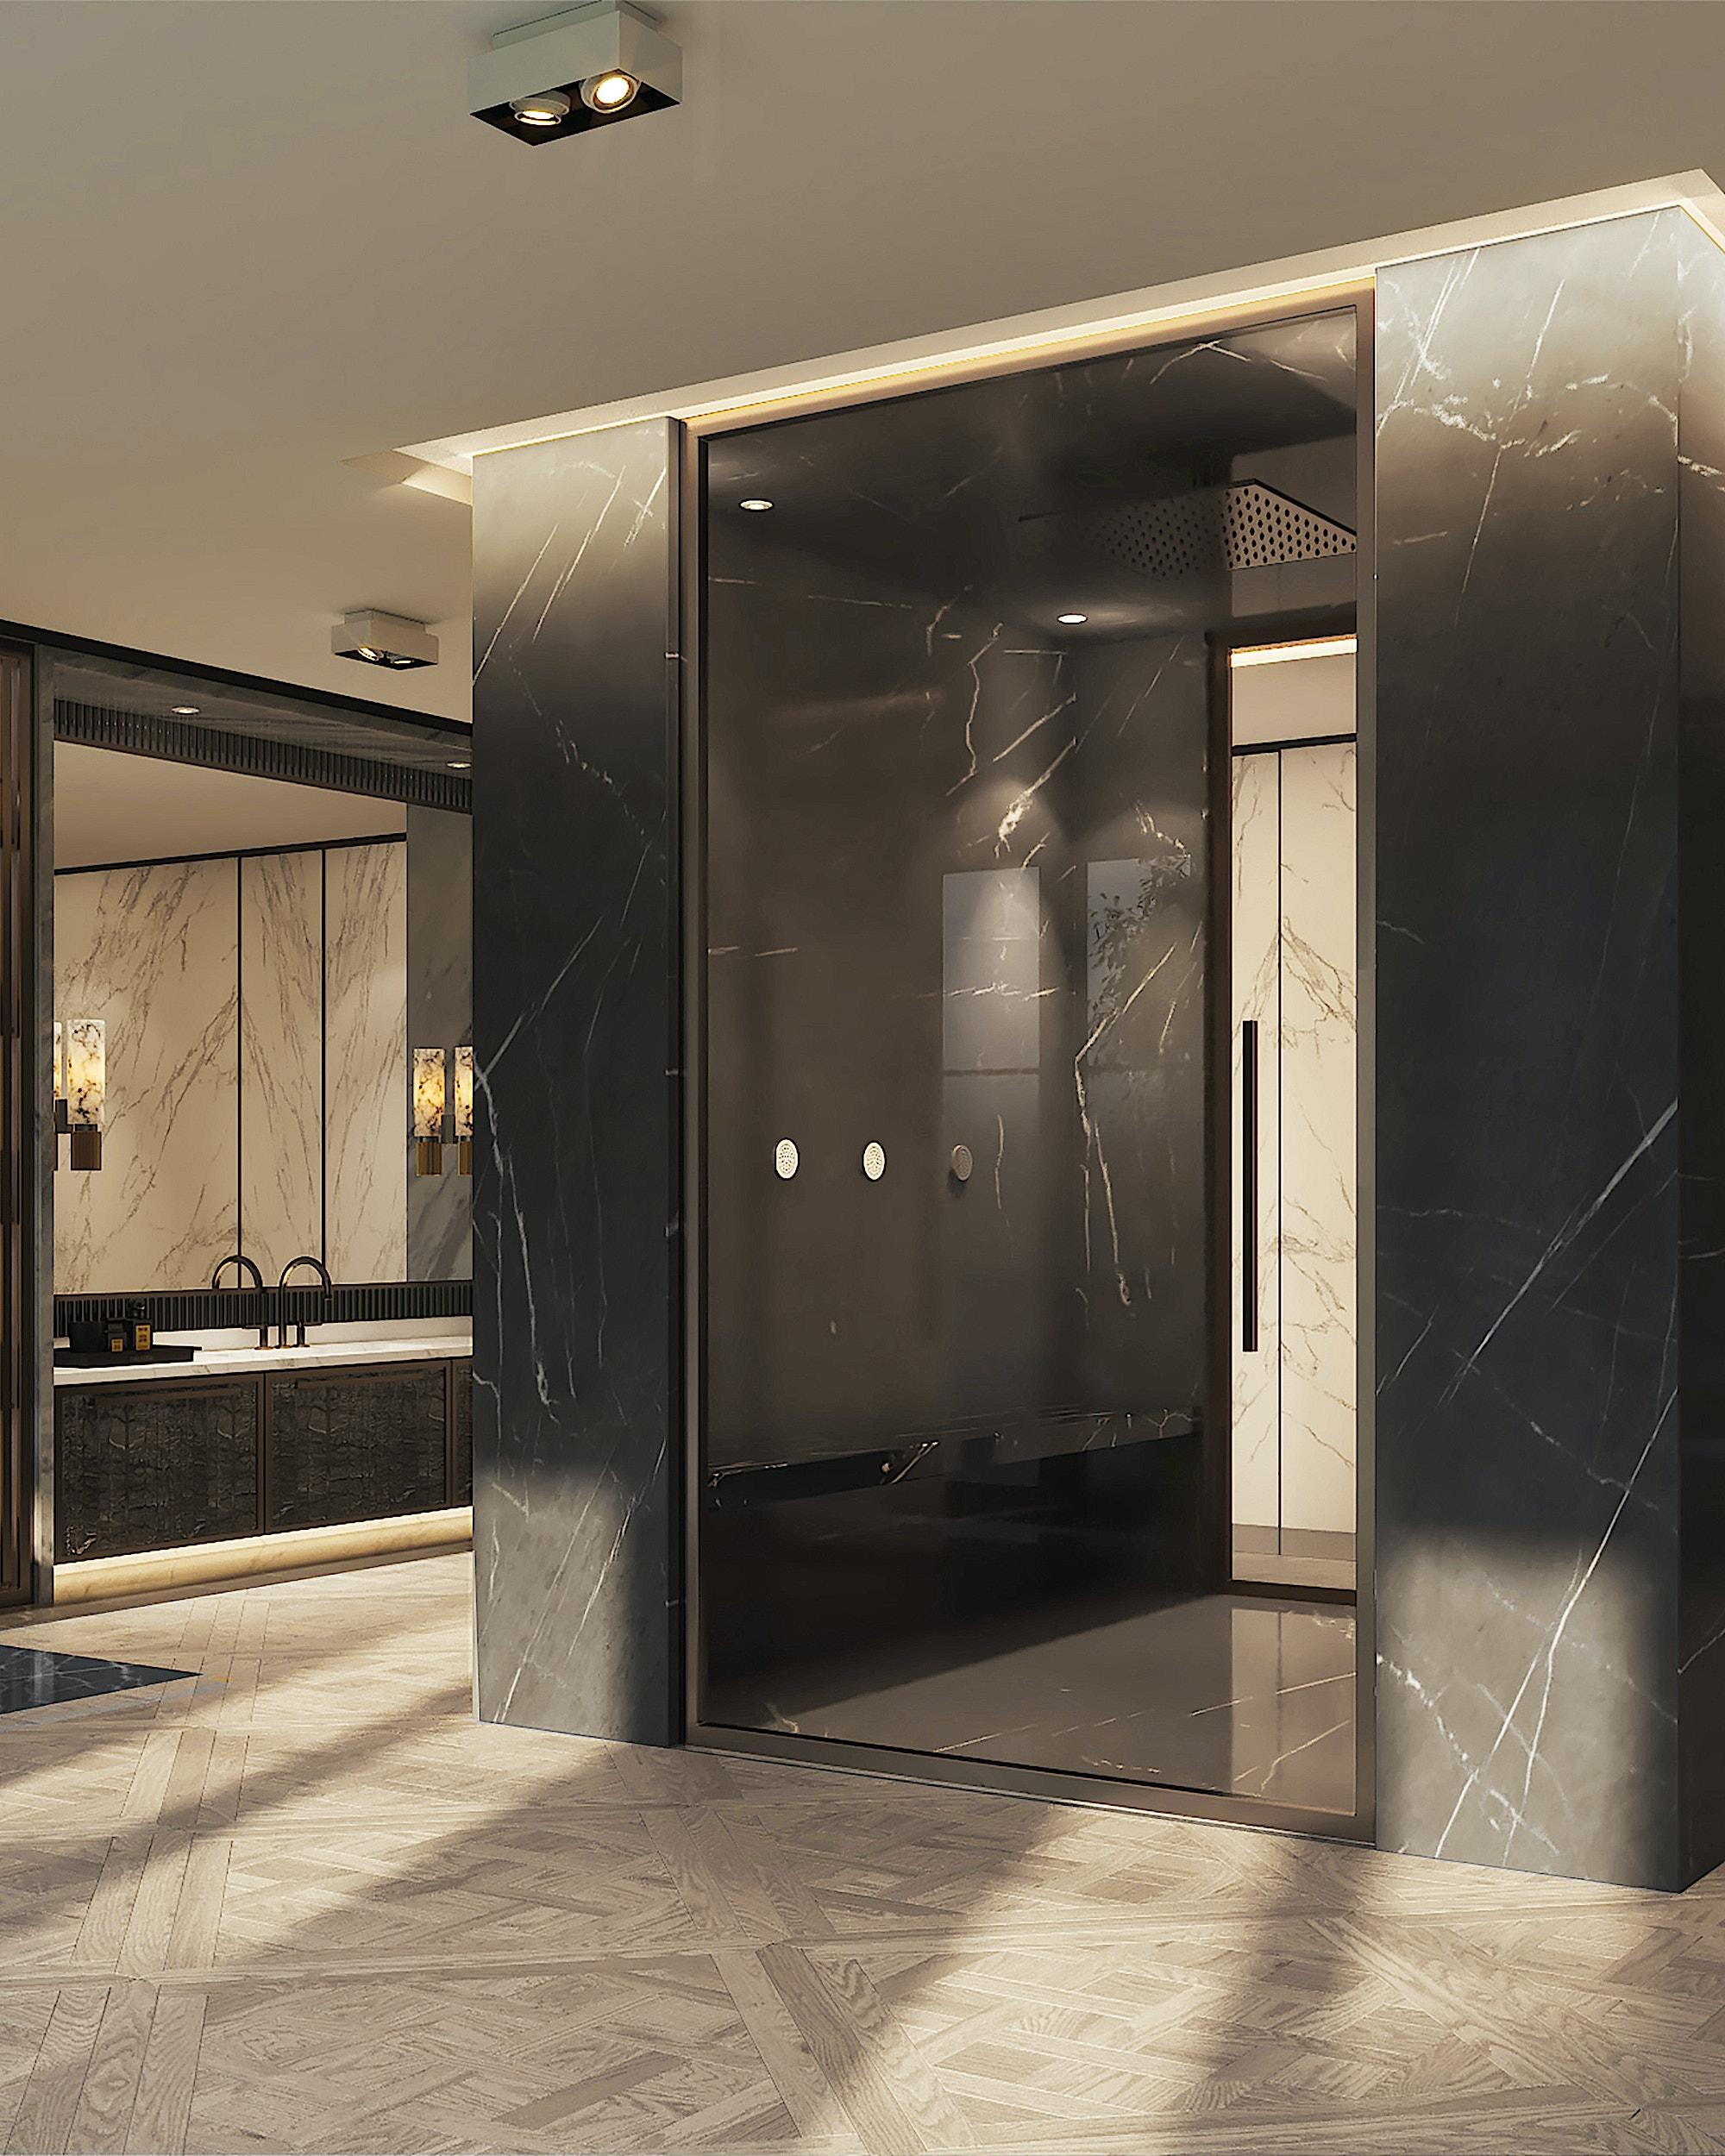 MAWD-Bel-Air-luxury-residential-bathroom